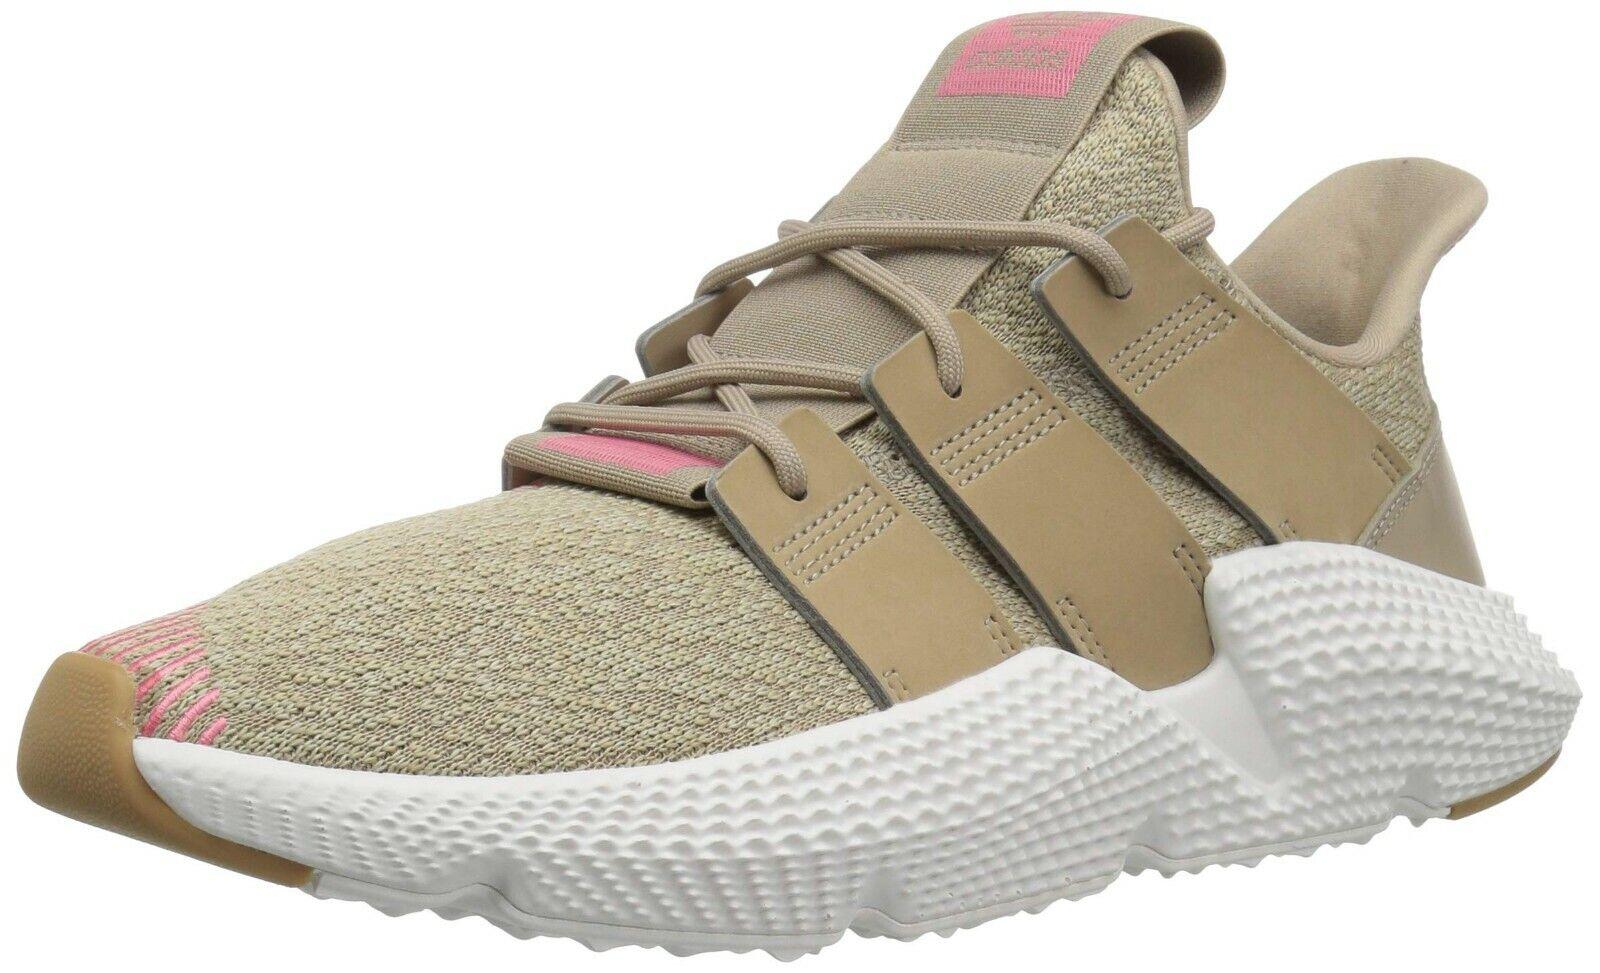 ADIDAS PROPHERE TRAKHA CQ2128 Clásico Con Cordones Zapatos Para Hombre Talla 11-El Mejor